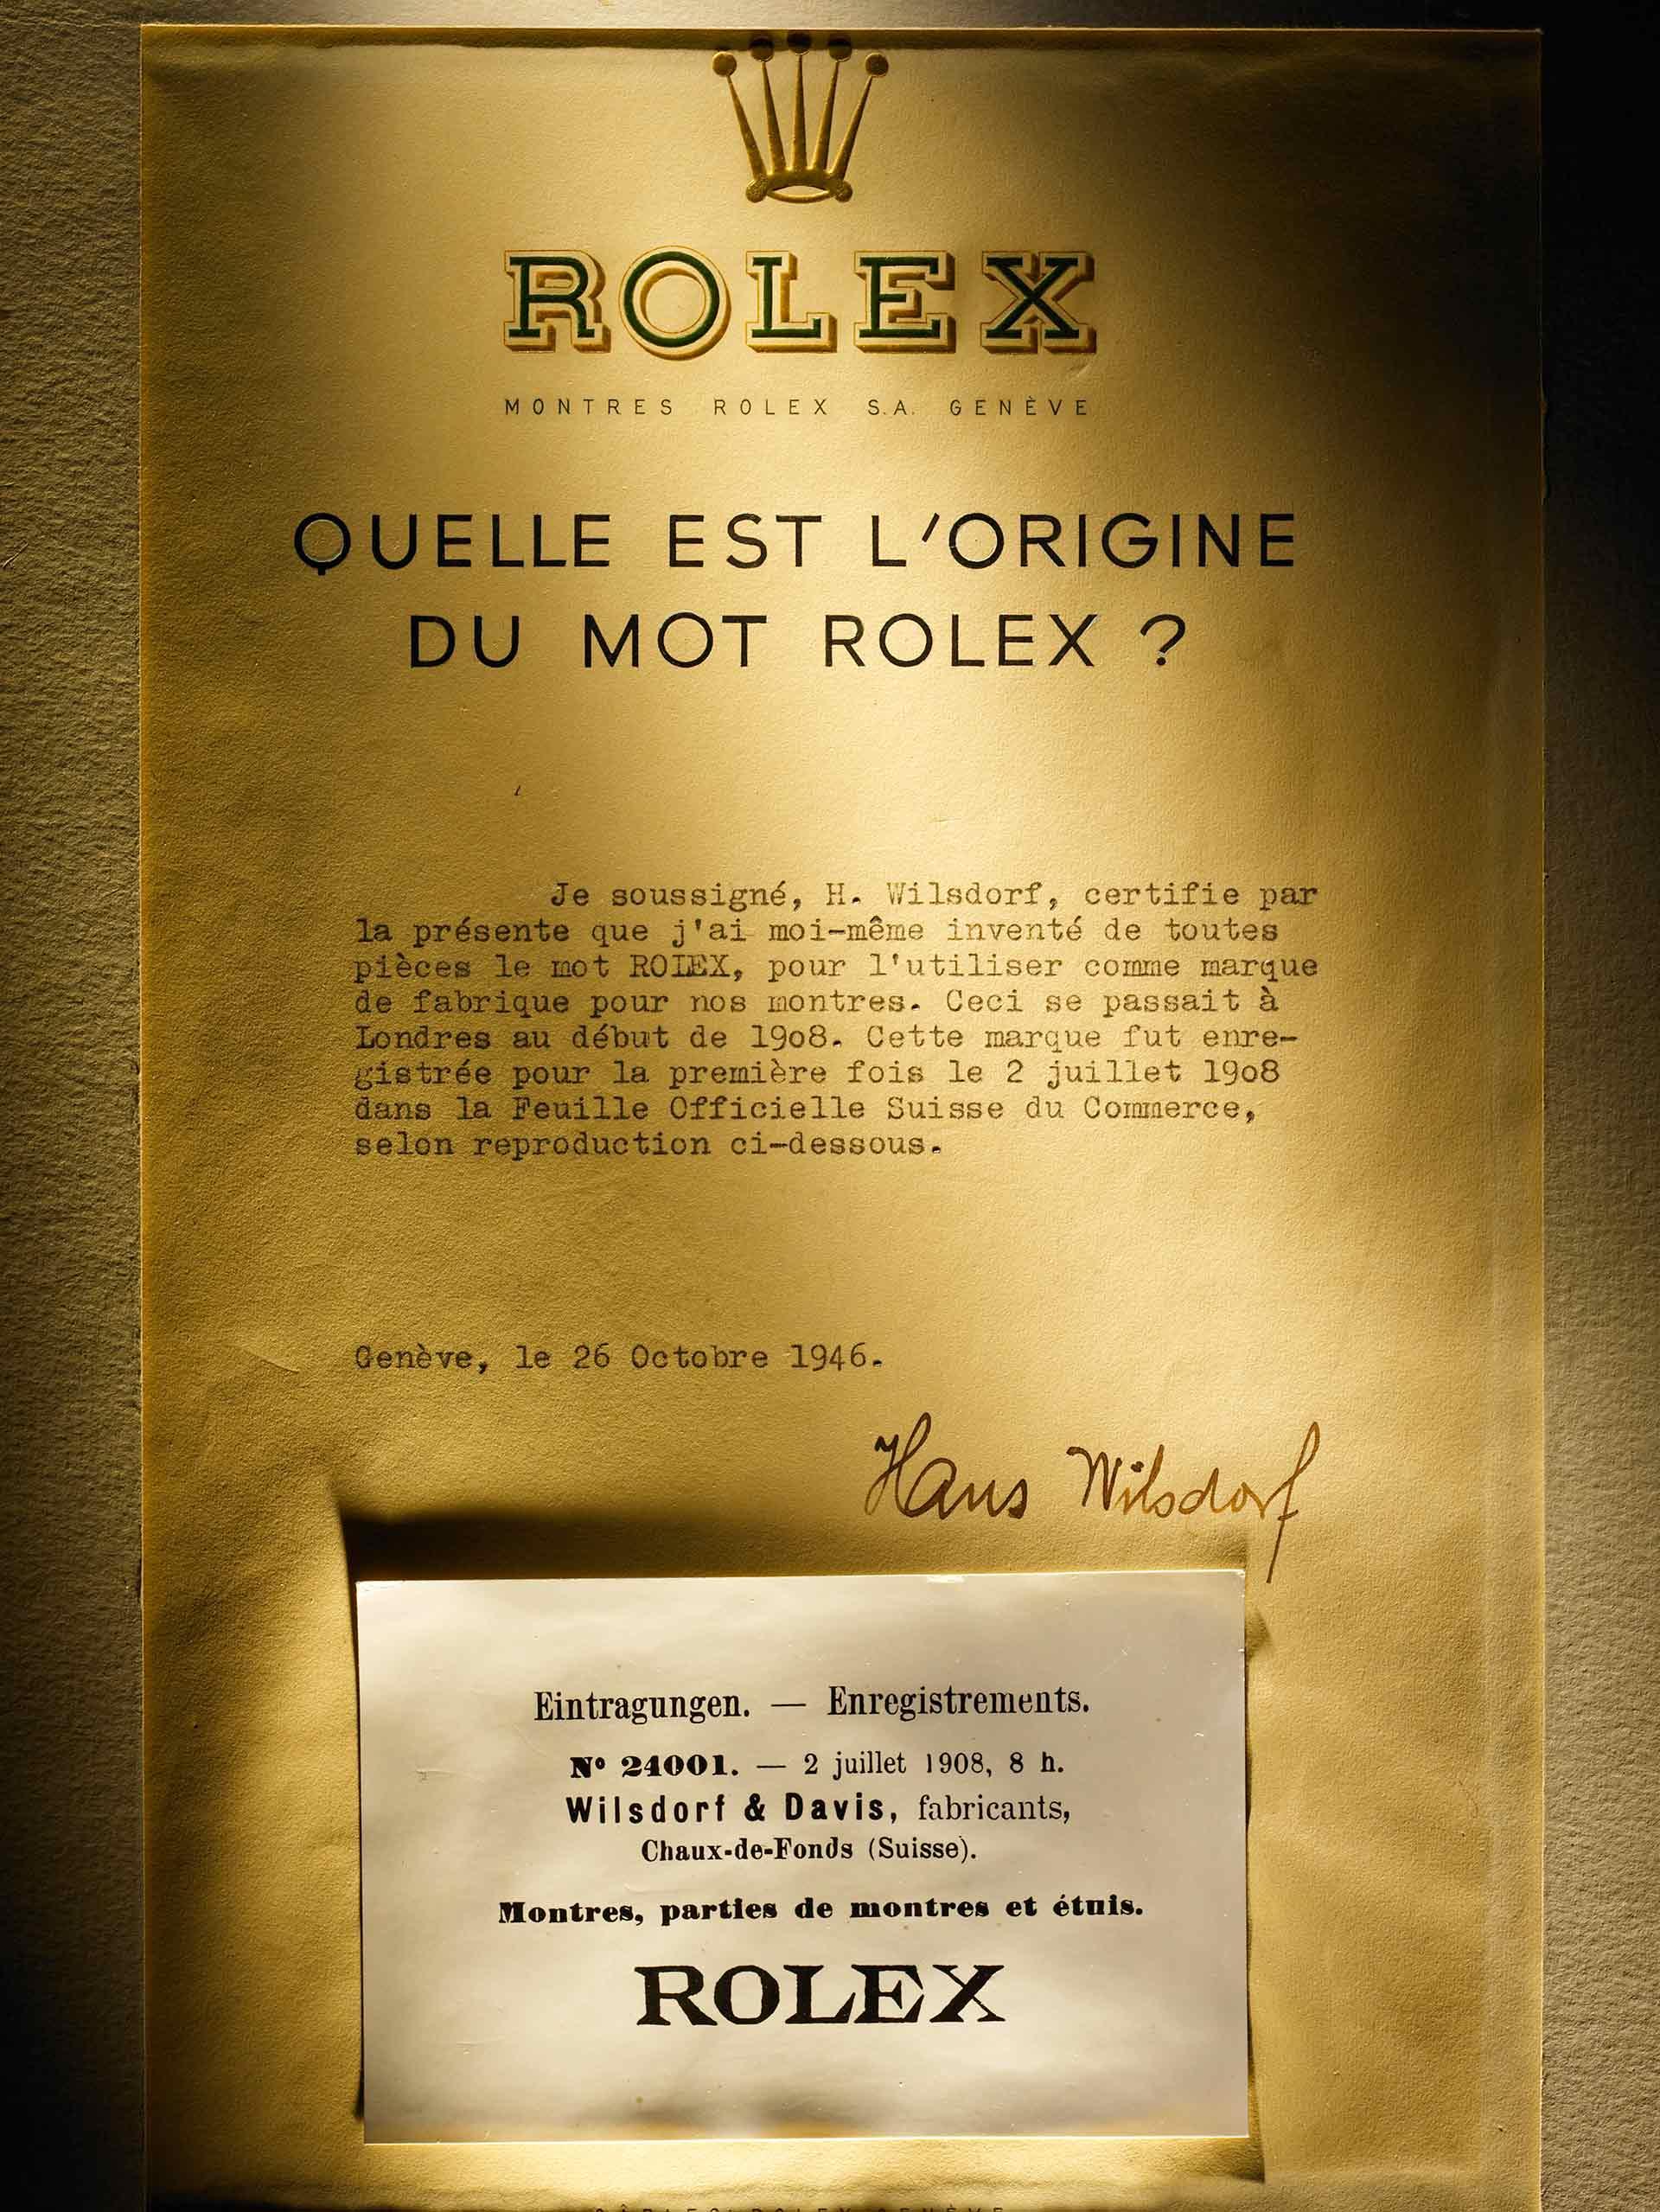 Rolex_original_certificate_1908